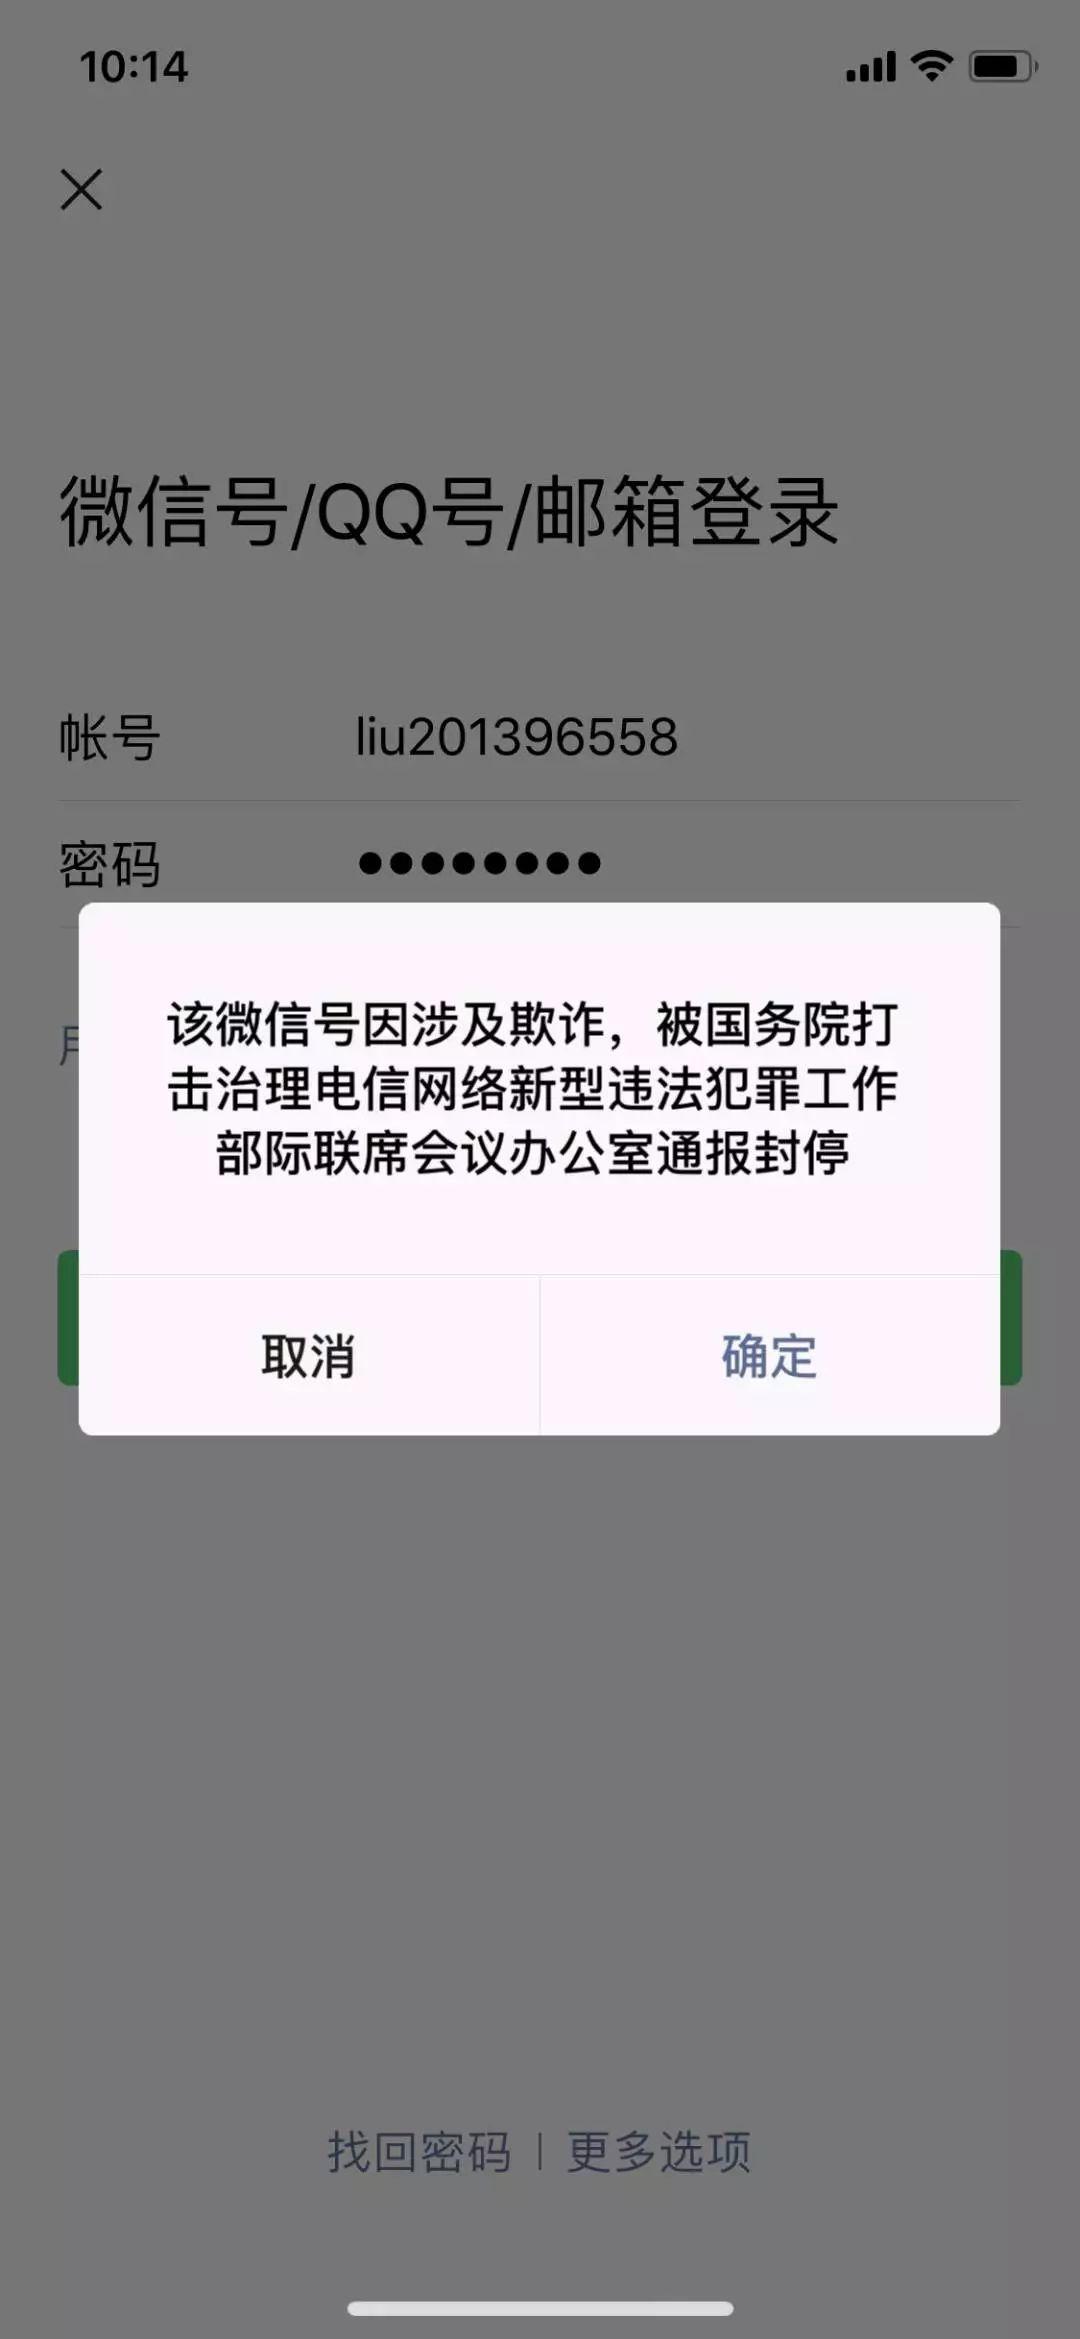 公安部证实!这些地方的QQ、微信、支付宝、POS机等社交和支付账户无法使用!